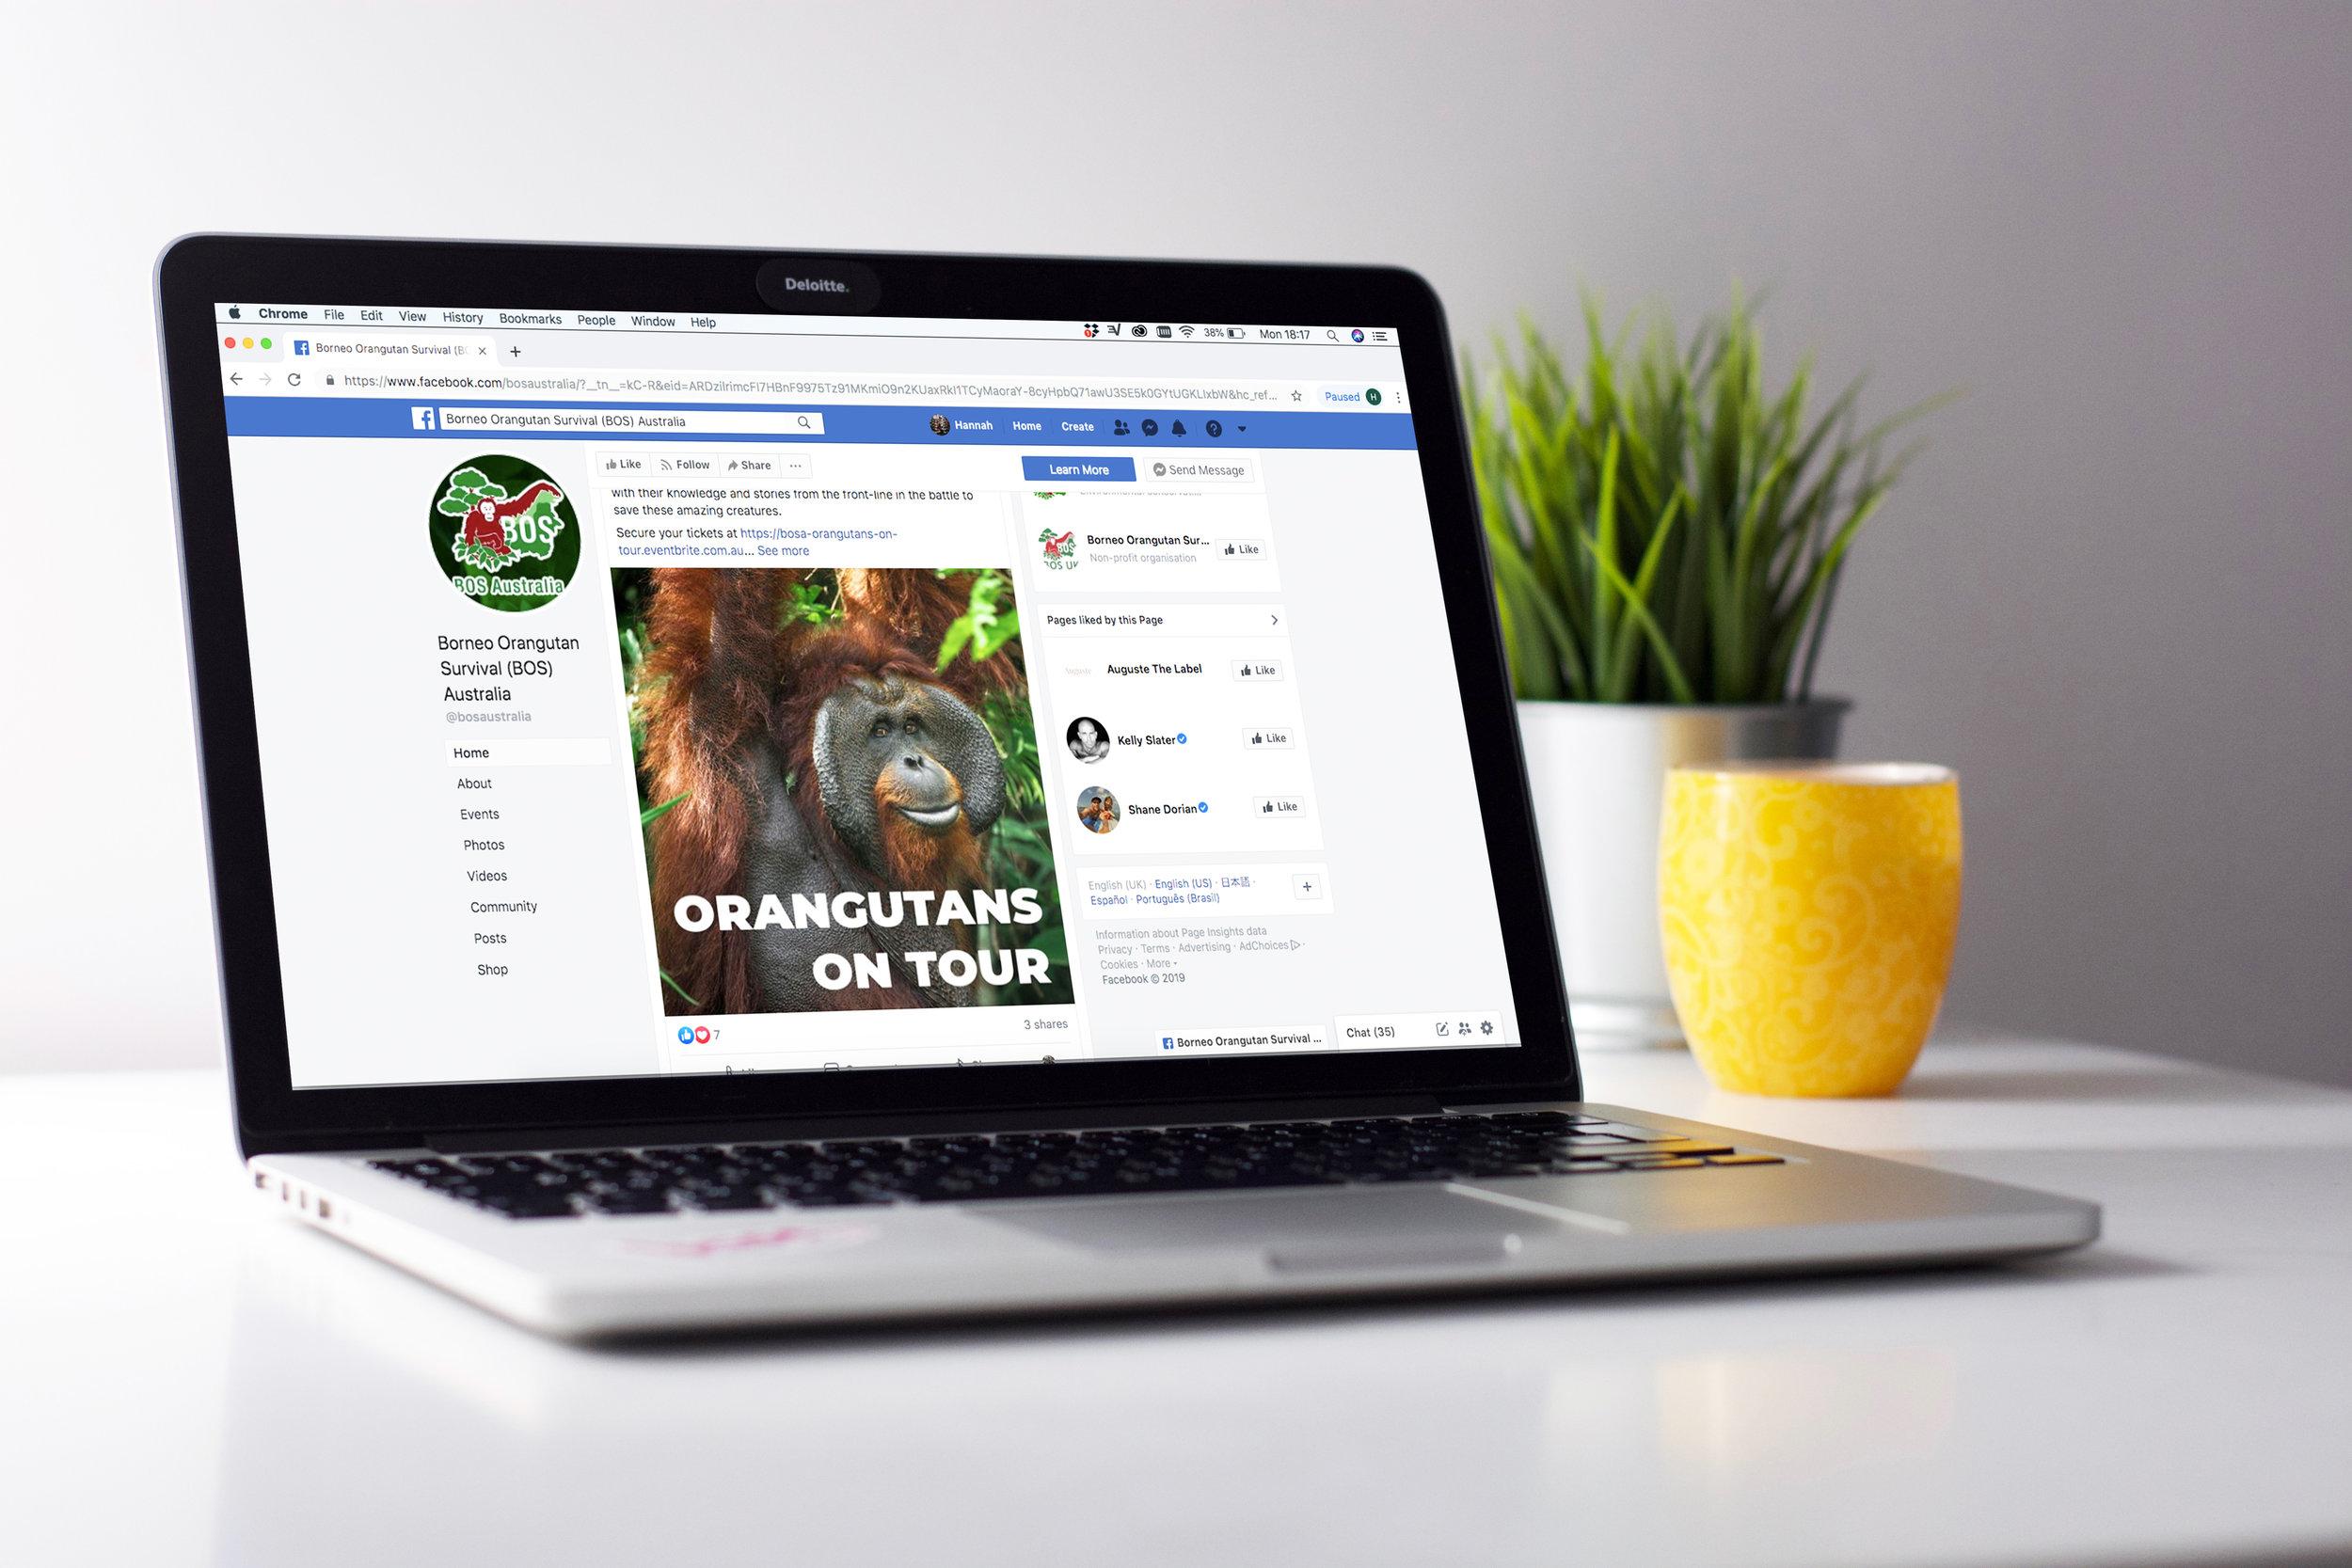 Facebook design BOS Australia